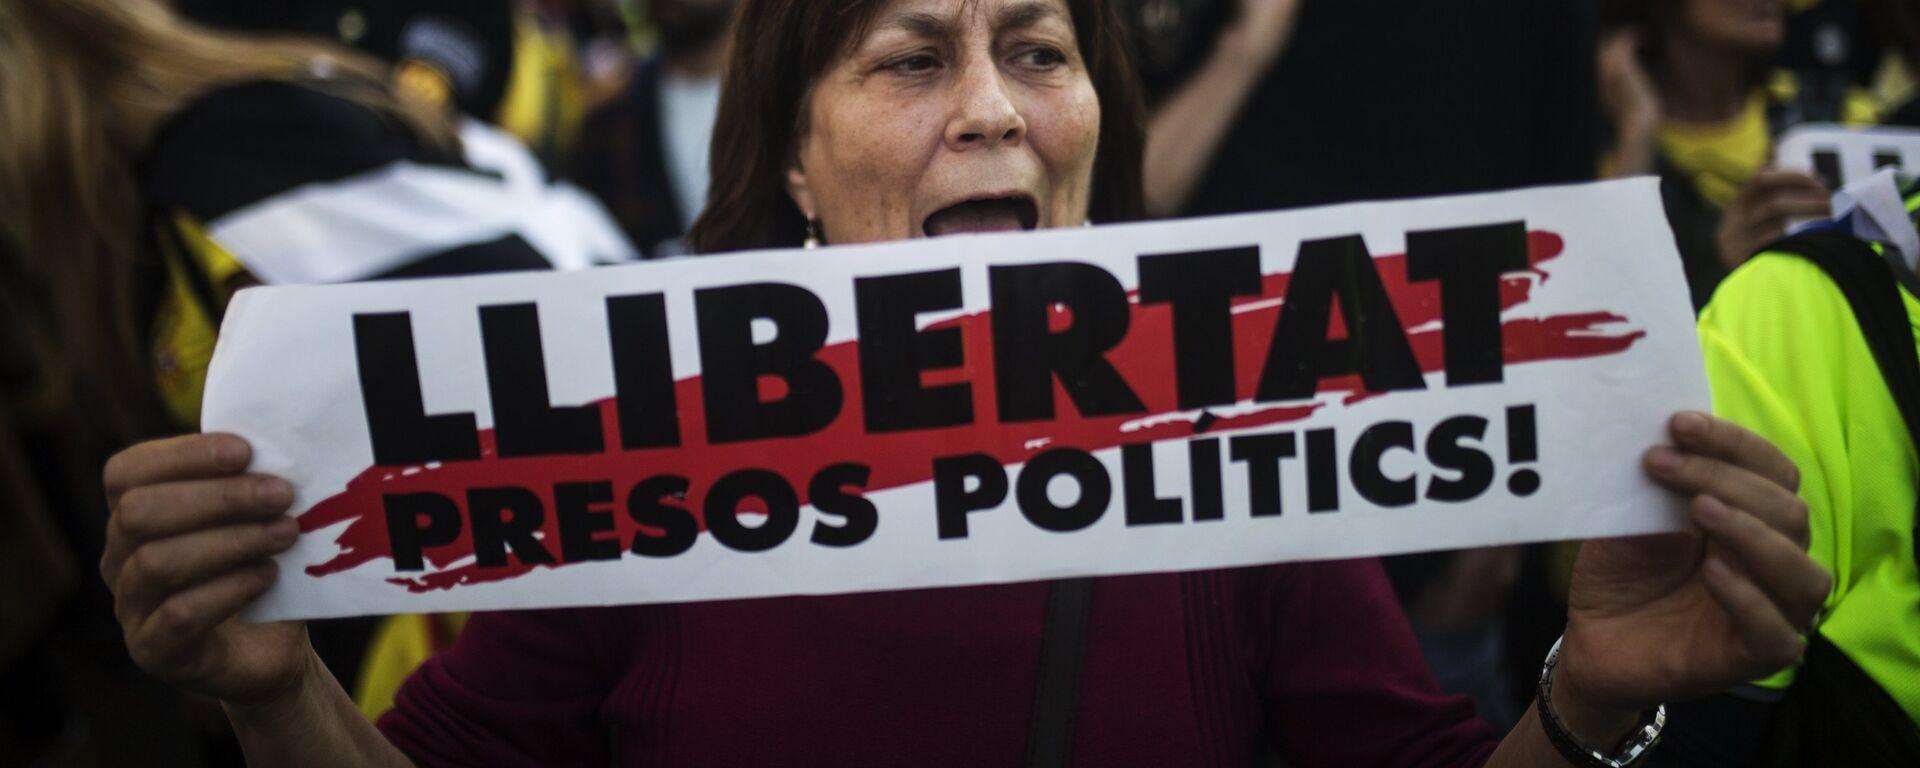 Una mujer con la pancarta a favor de libertad de presos independentistas catalanes - Sputnik Mundo, 1920, 21.06.2021